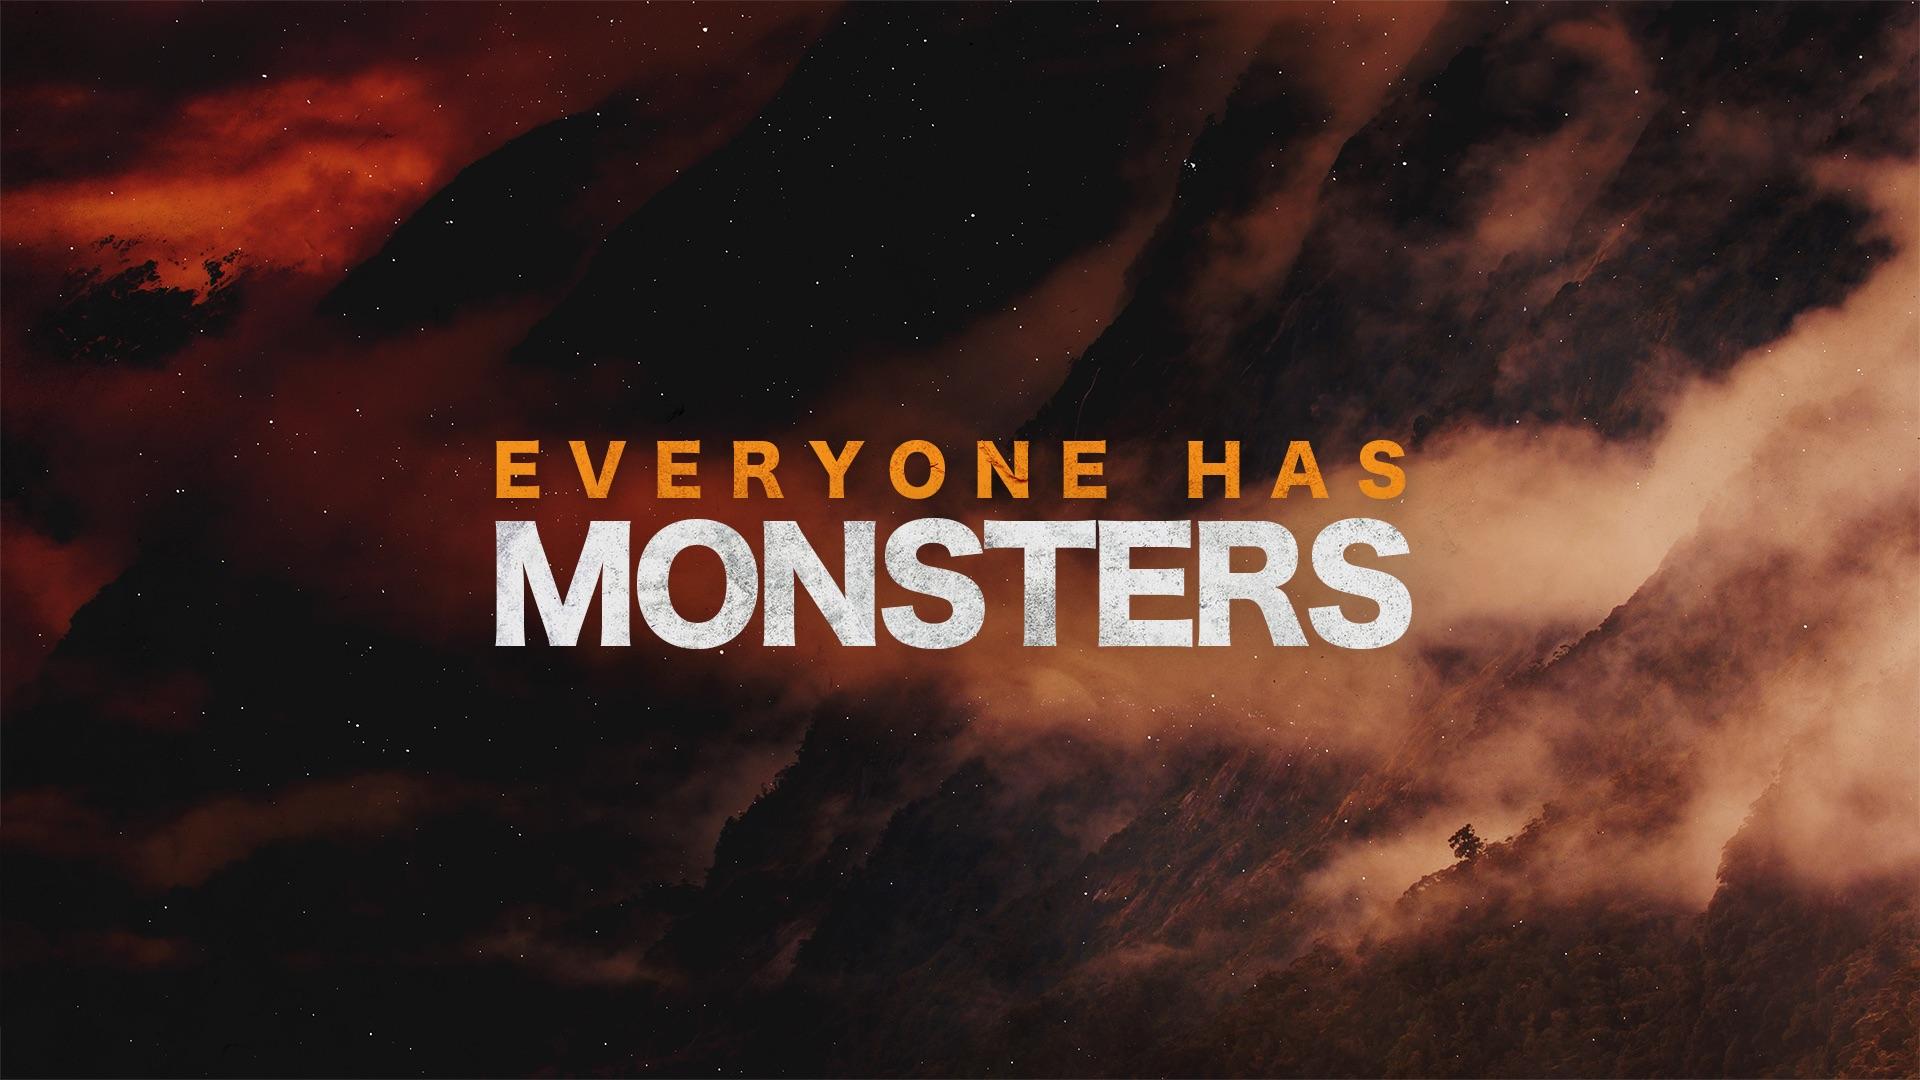 Everyone Has Monsters